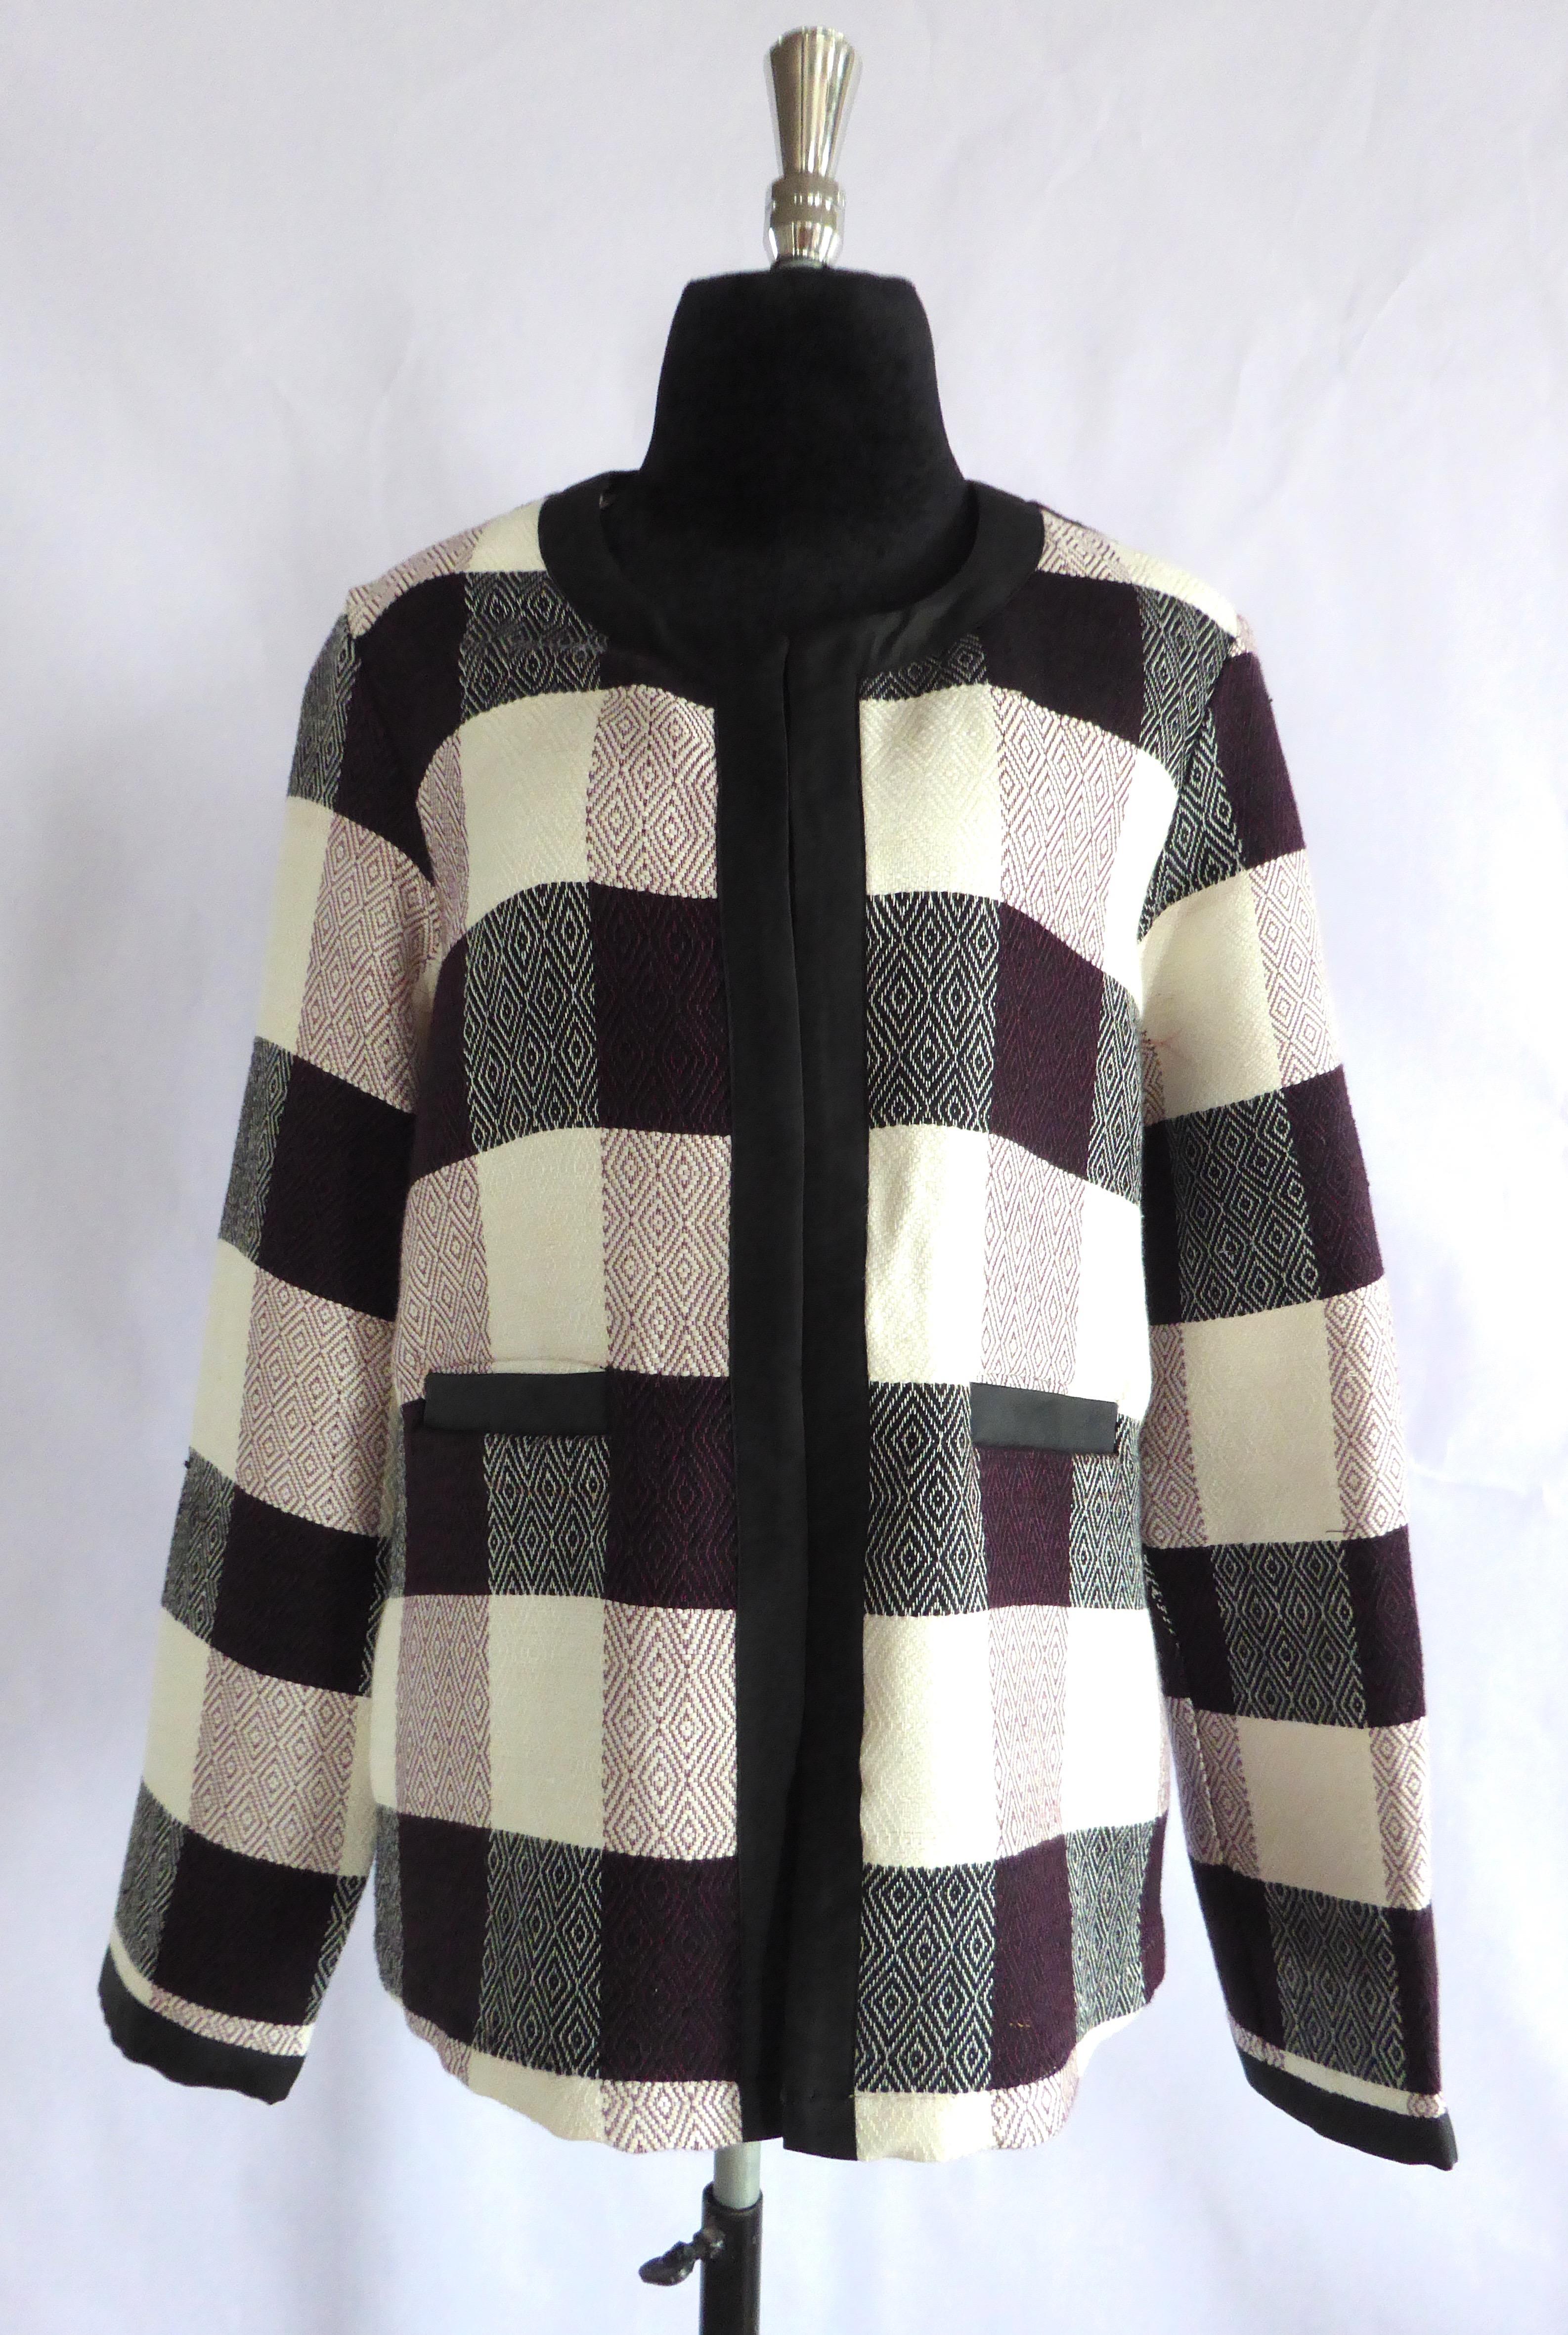 6_Chanel Jacket